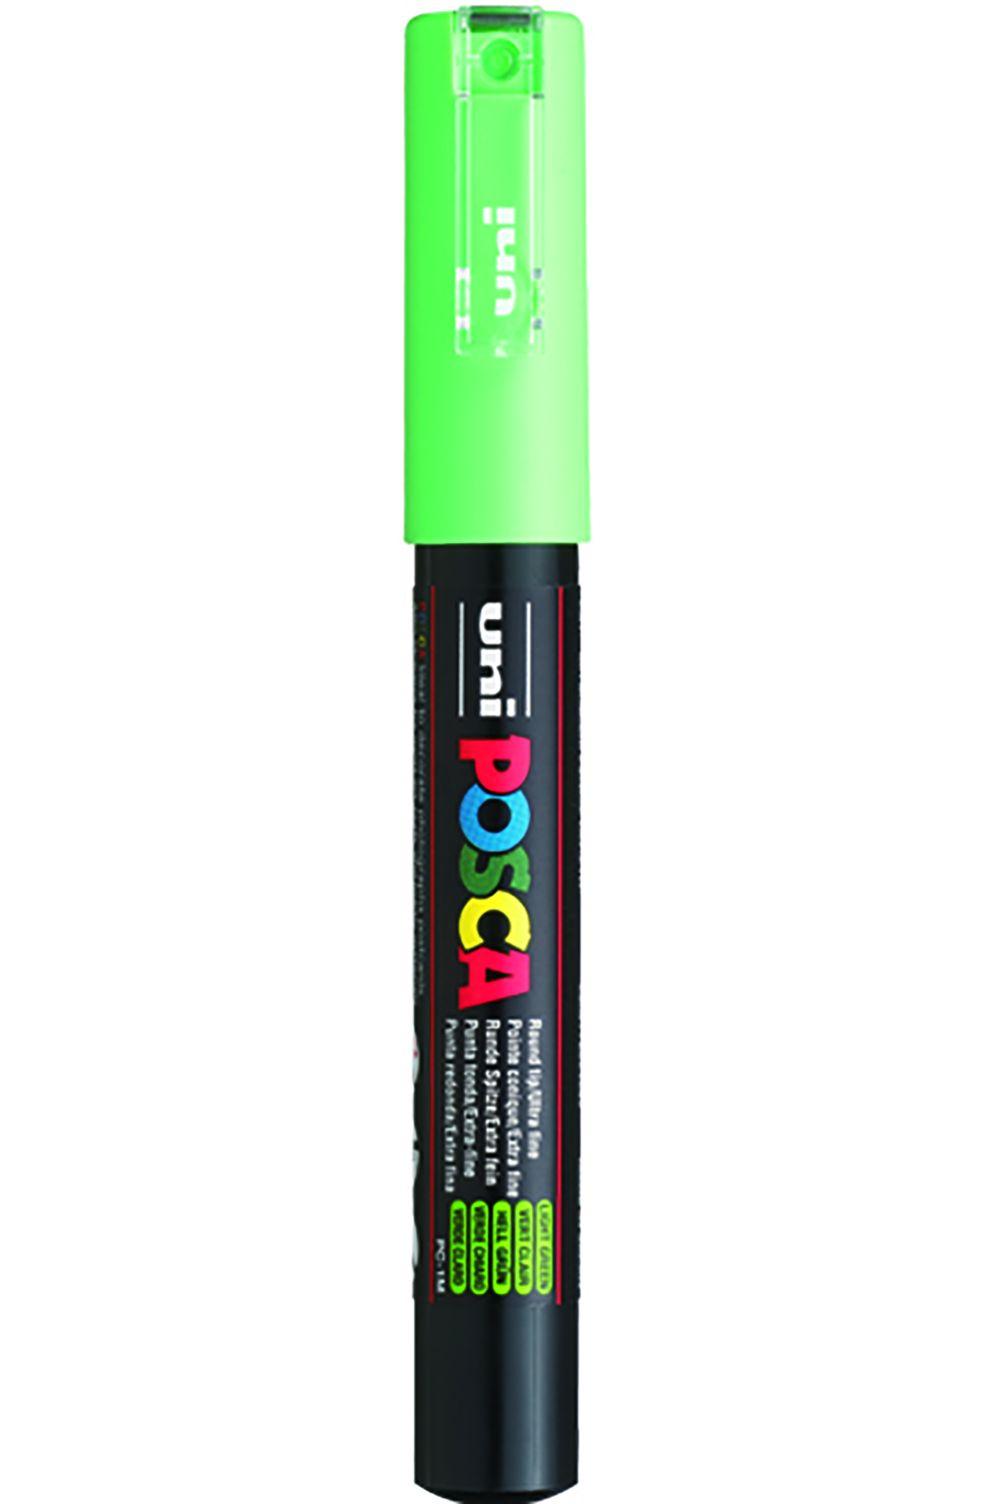 Canetas/Tintas Posca 1M Verde Claro